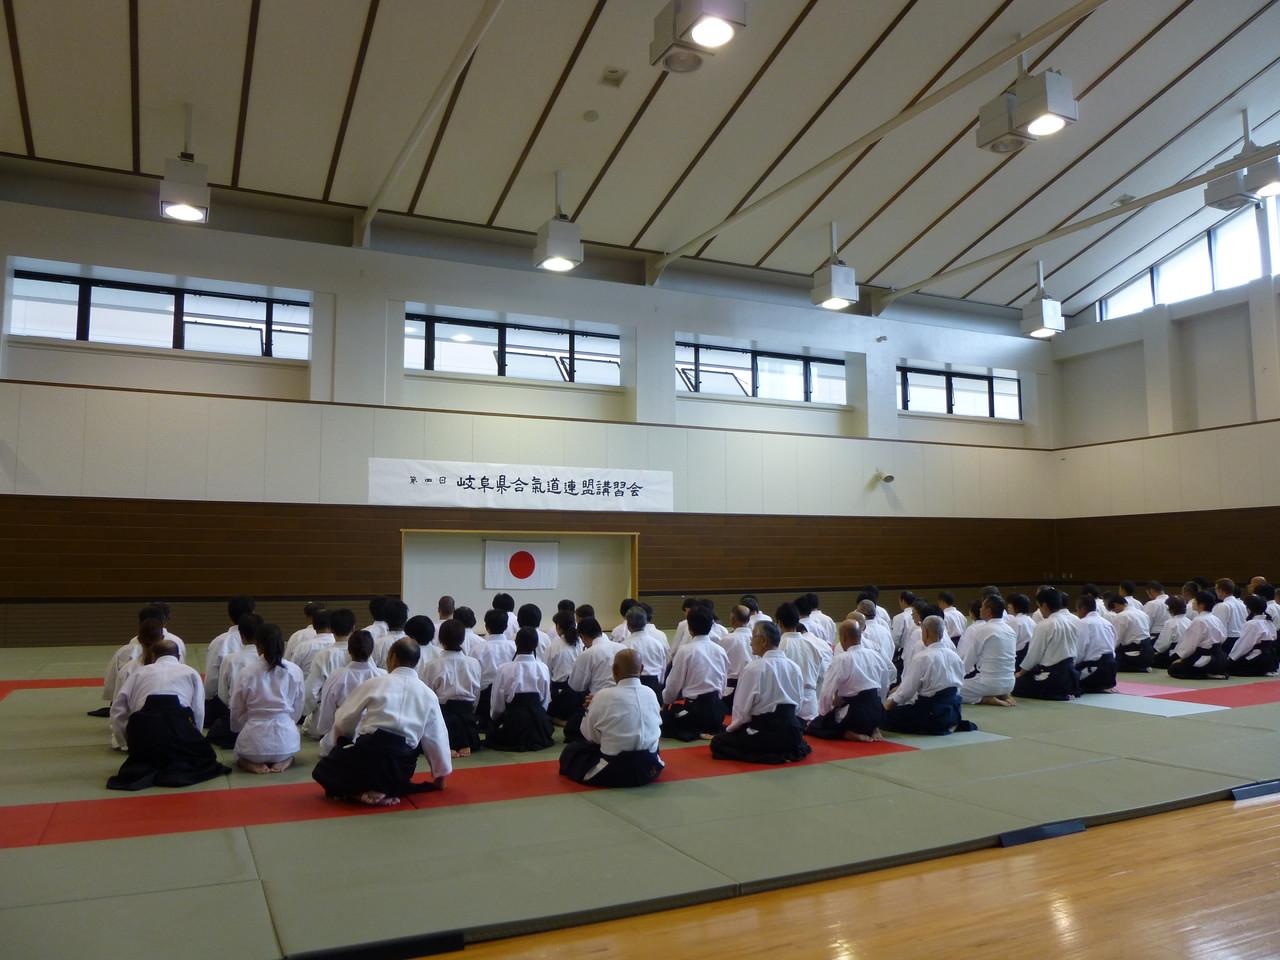 岐阜県連盟の講習会は今回が4回目。 参加者は140名ほど。